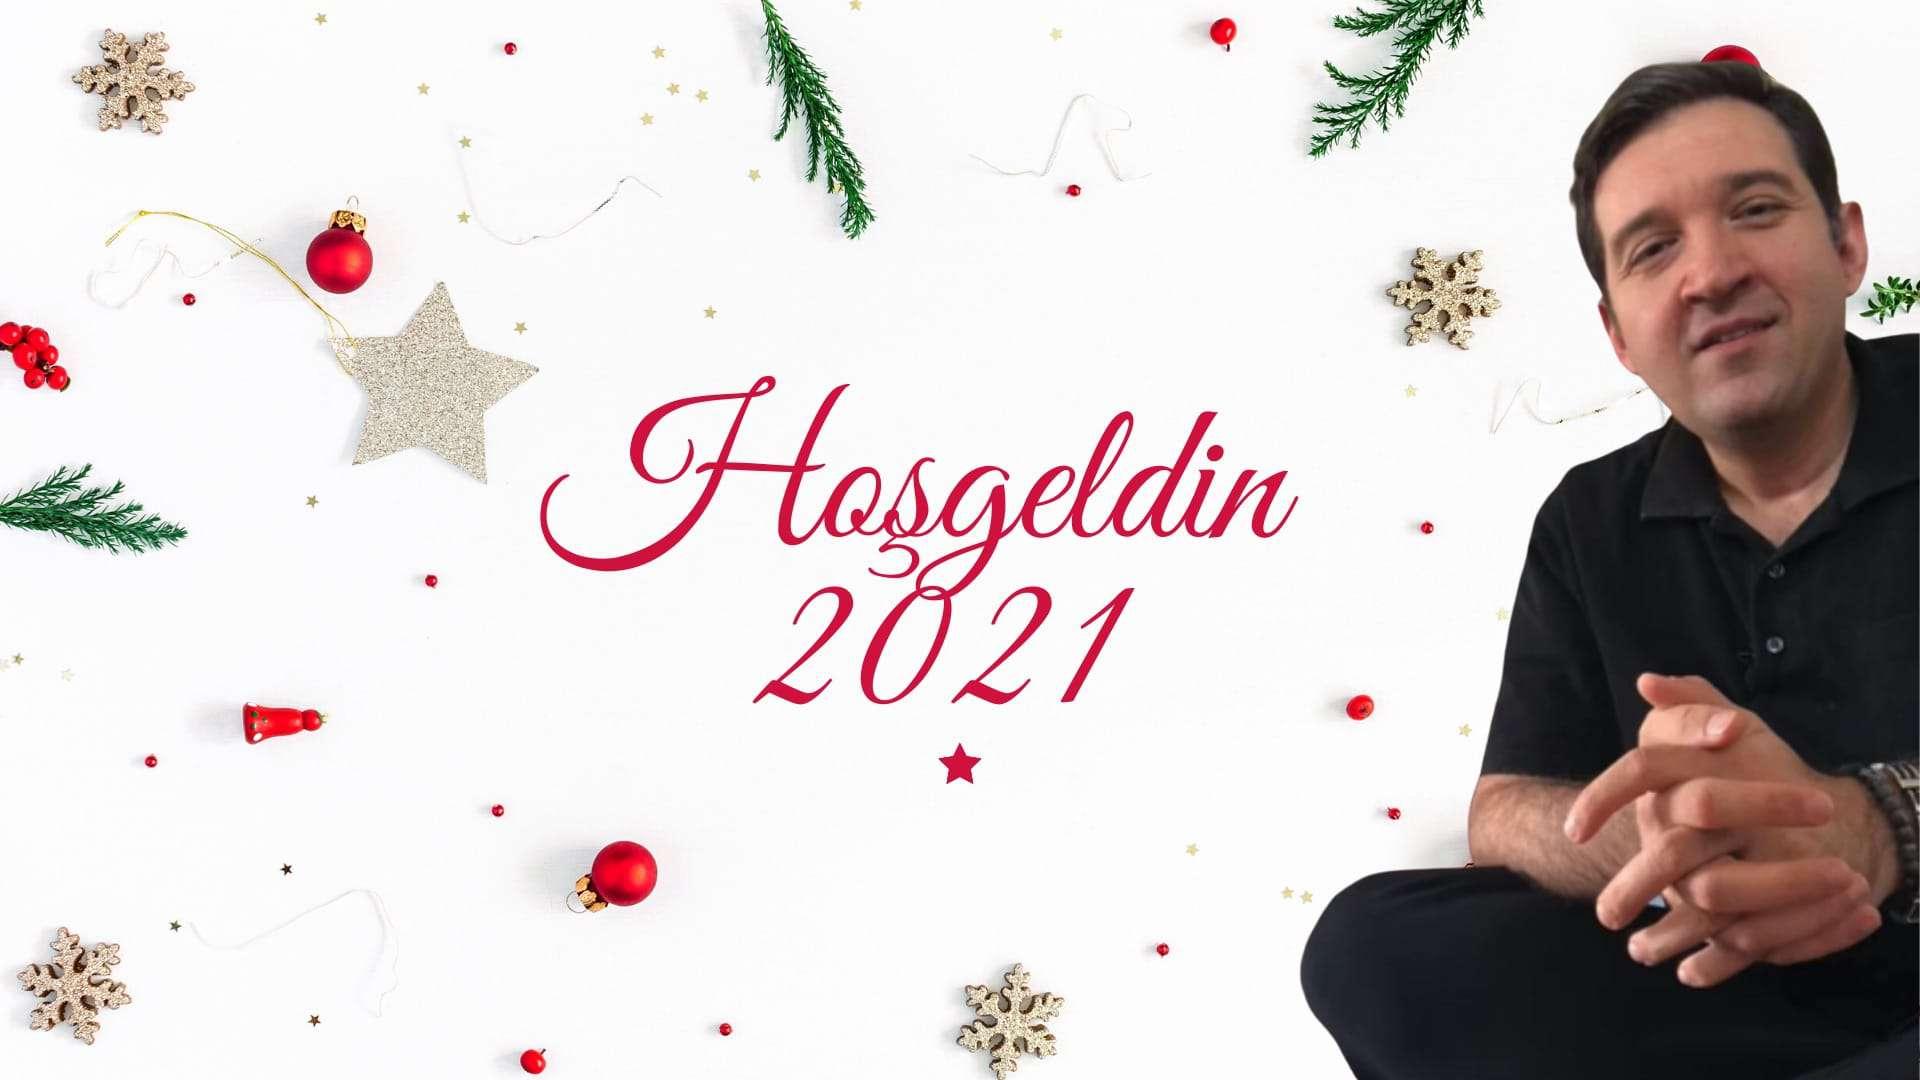 Hoşgeldin 2021 / Yeni yılınız kutlu olsun